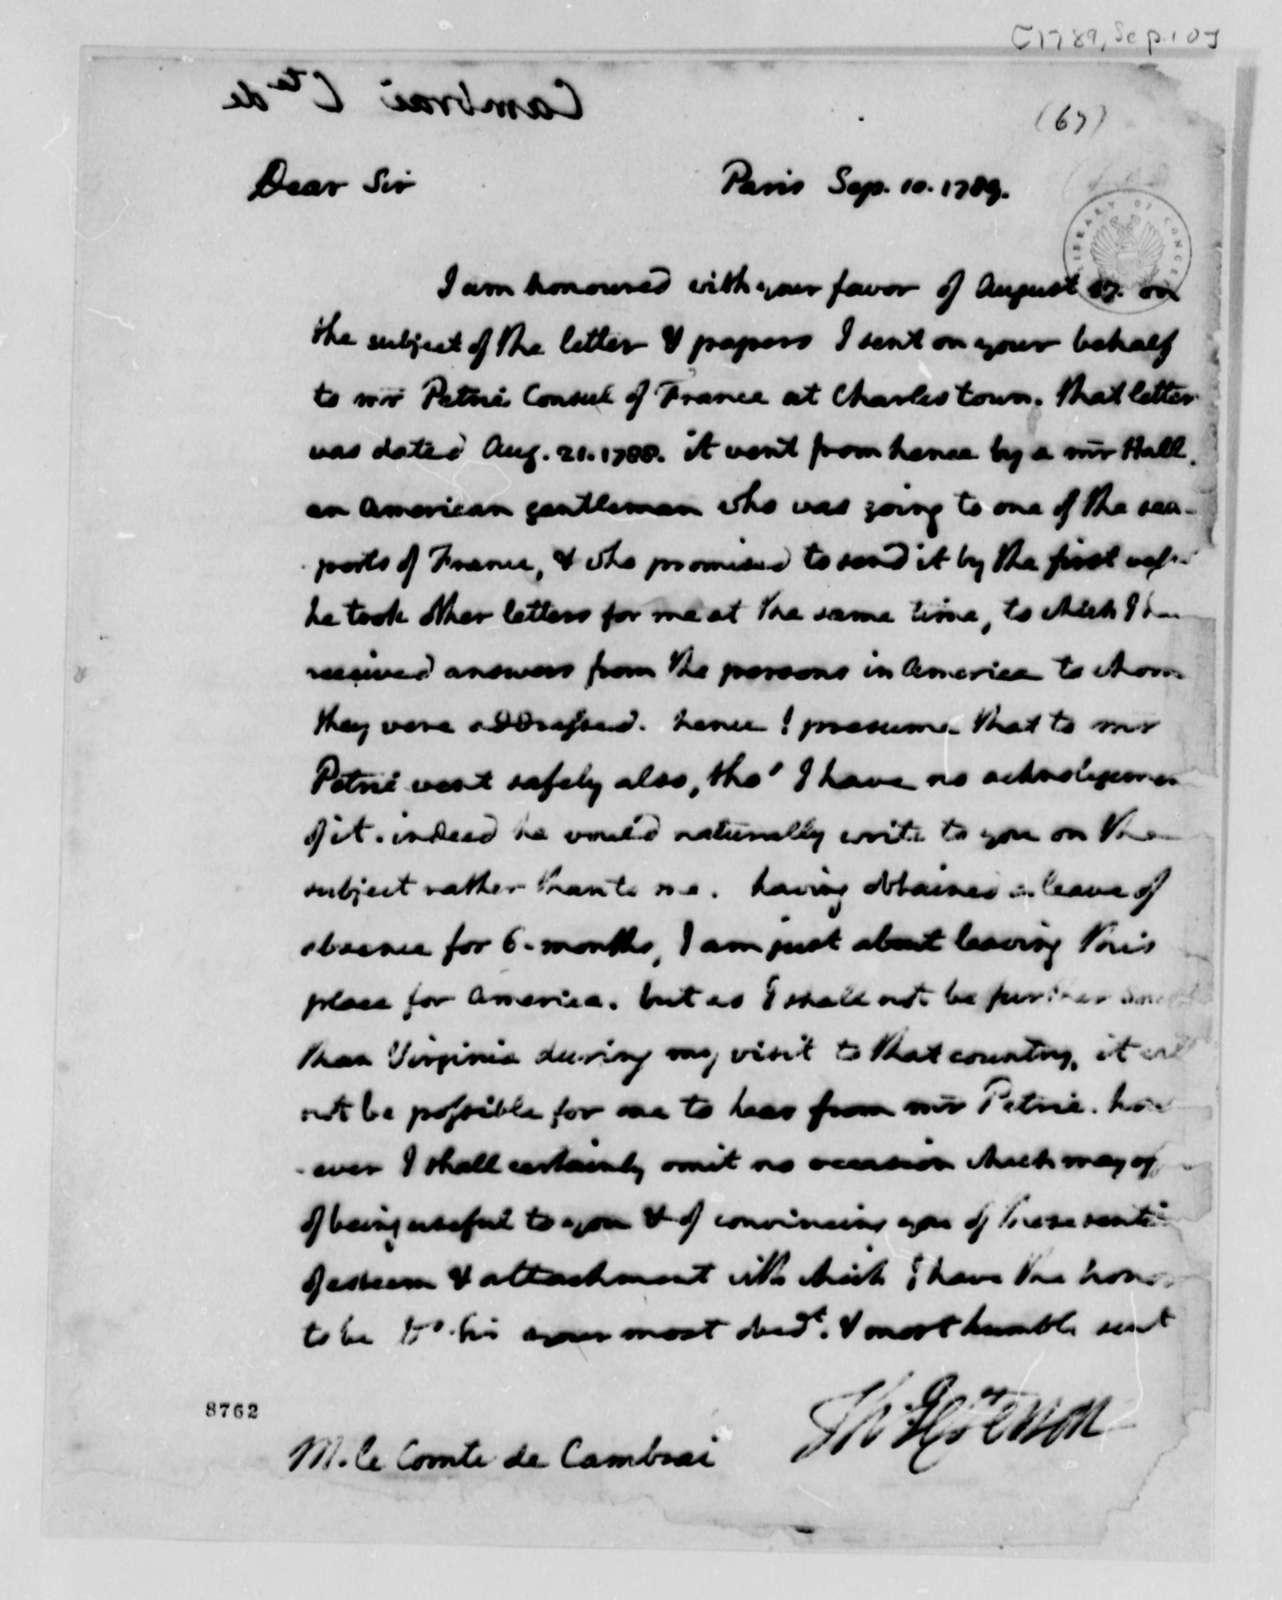 Thomas Jefferson to Count de Cambray, September 10, 1789